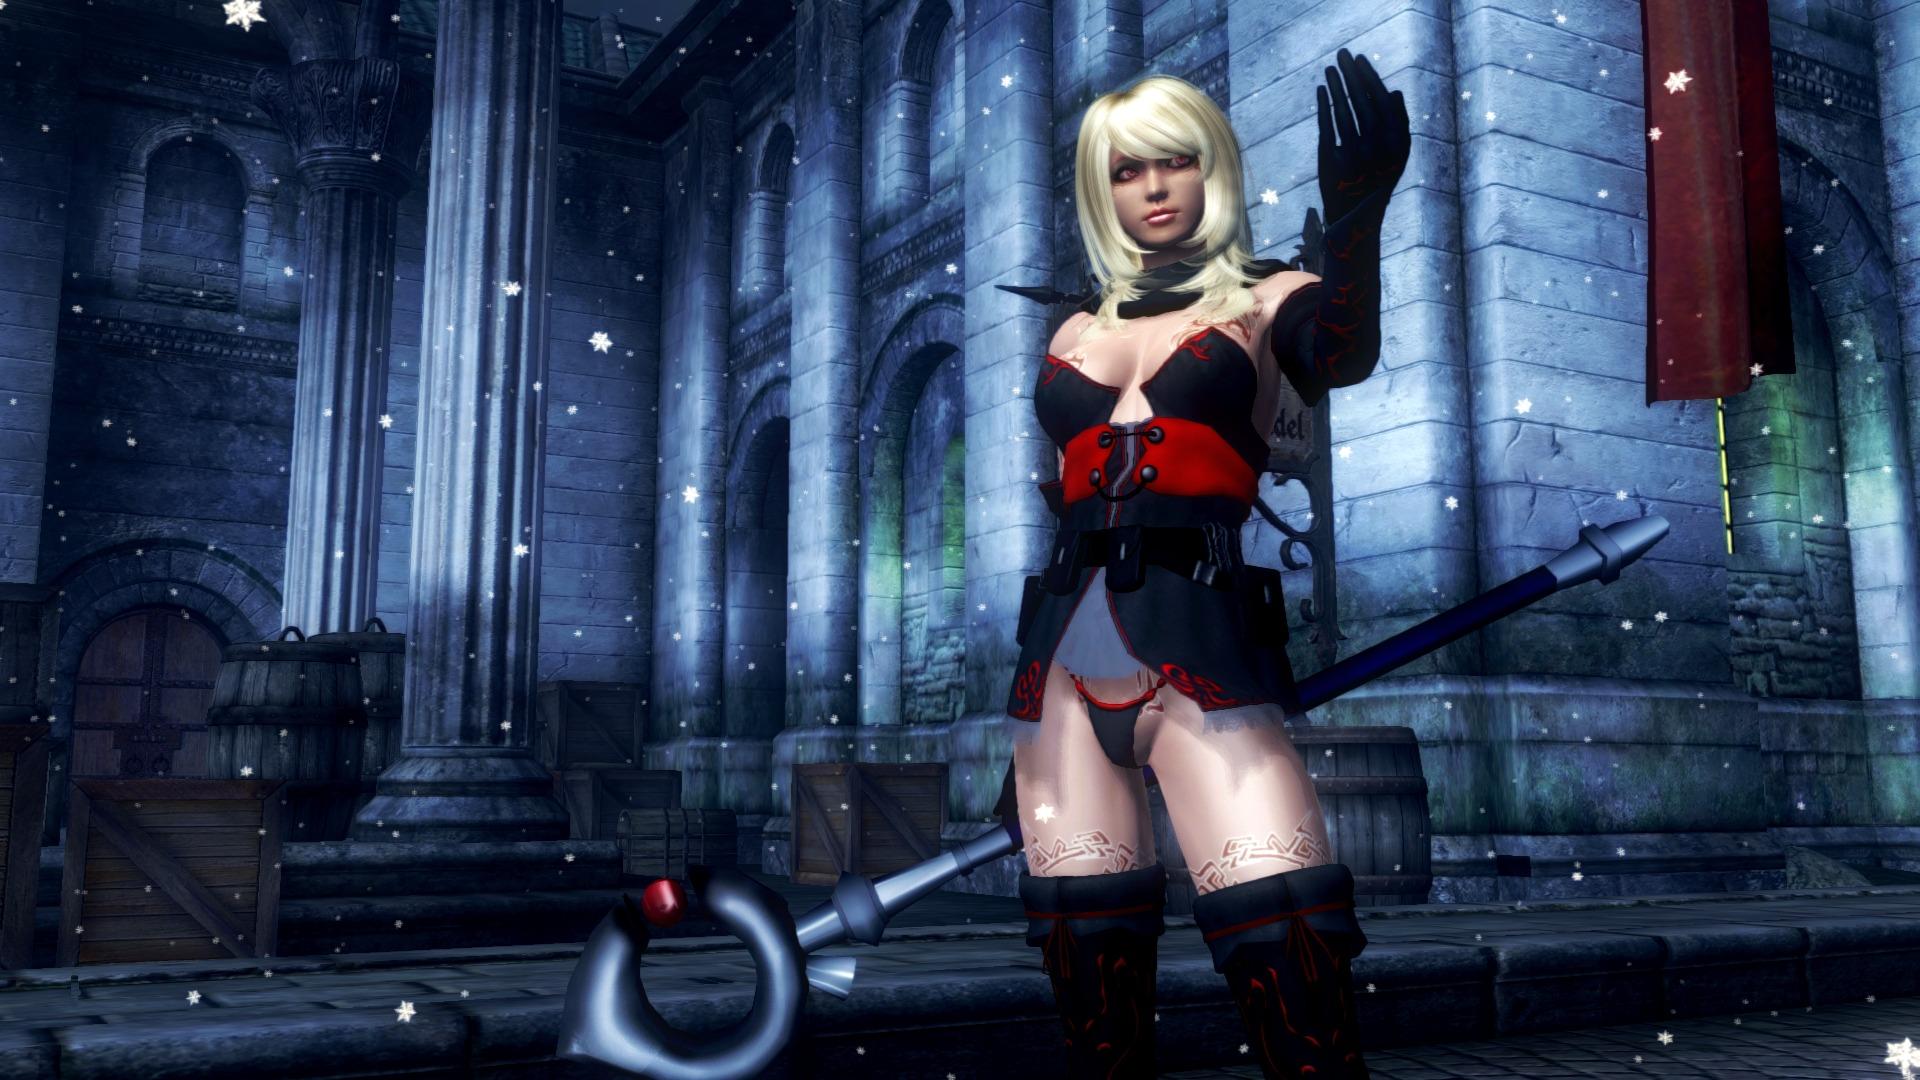 Oblivion 2011-12-31 17-04-07-98